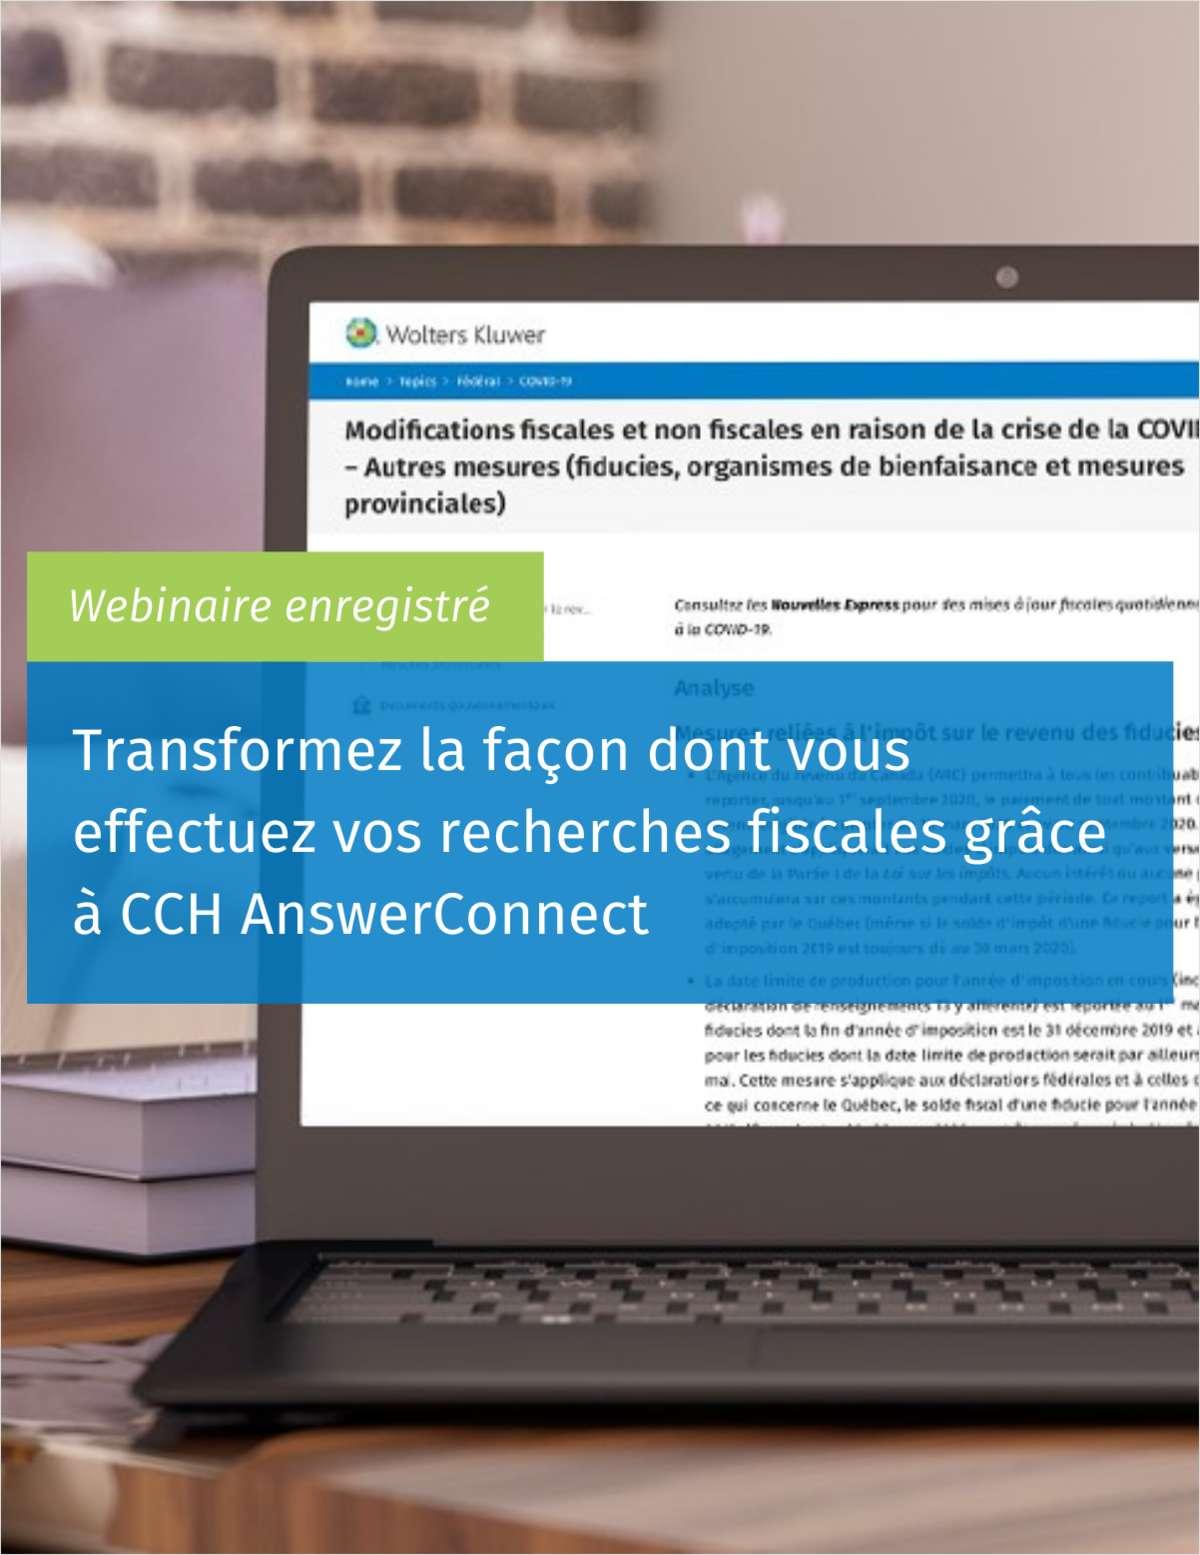 Transformez la façon dont vous effectuez vos recherches fiscales grâce à CCH AnswerConnect